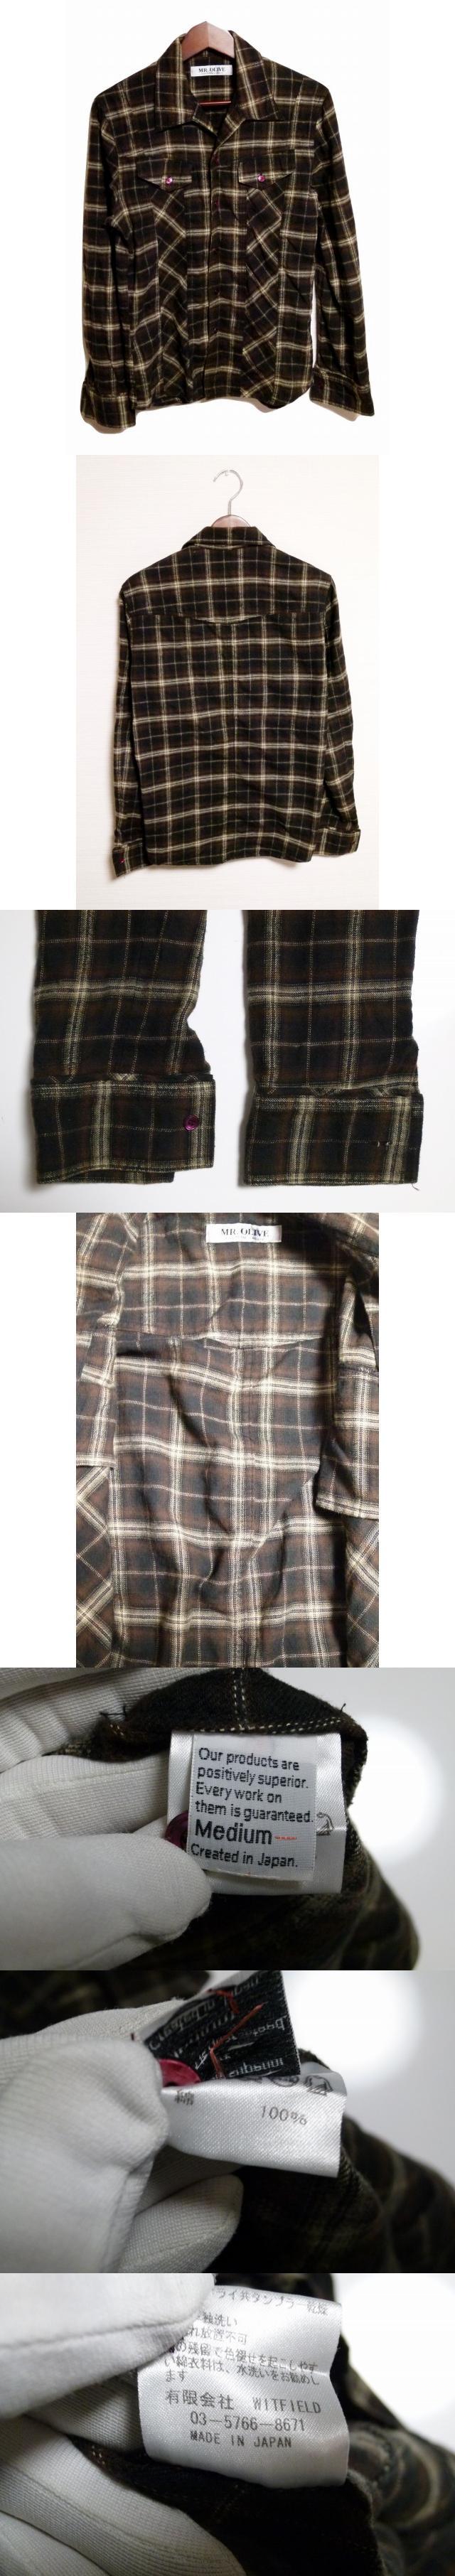 ネルシャツ M 茶 ブラウン チェック柄 綿 コットン100% 日本製 トップス 長袖